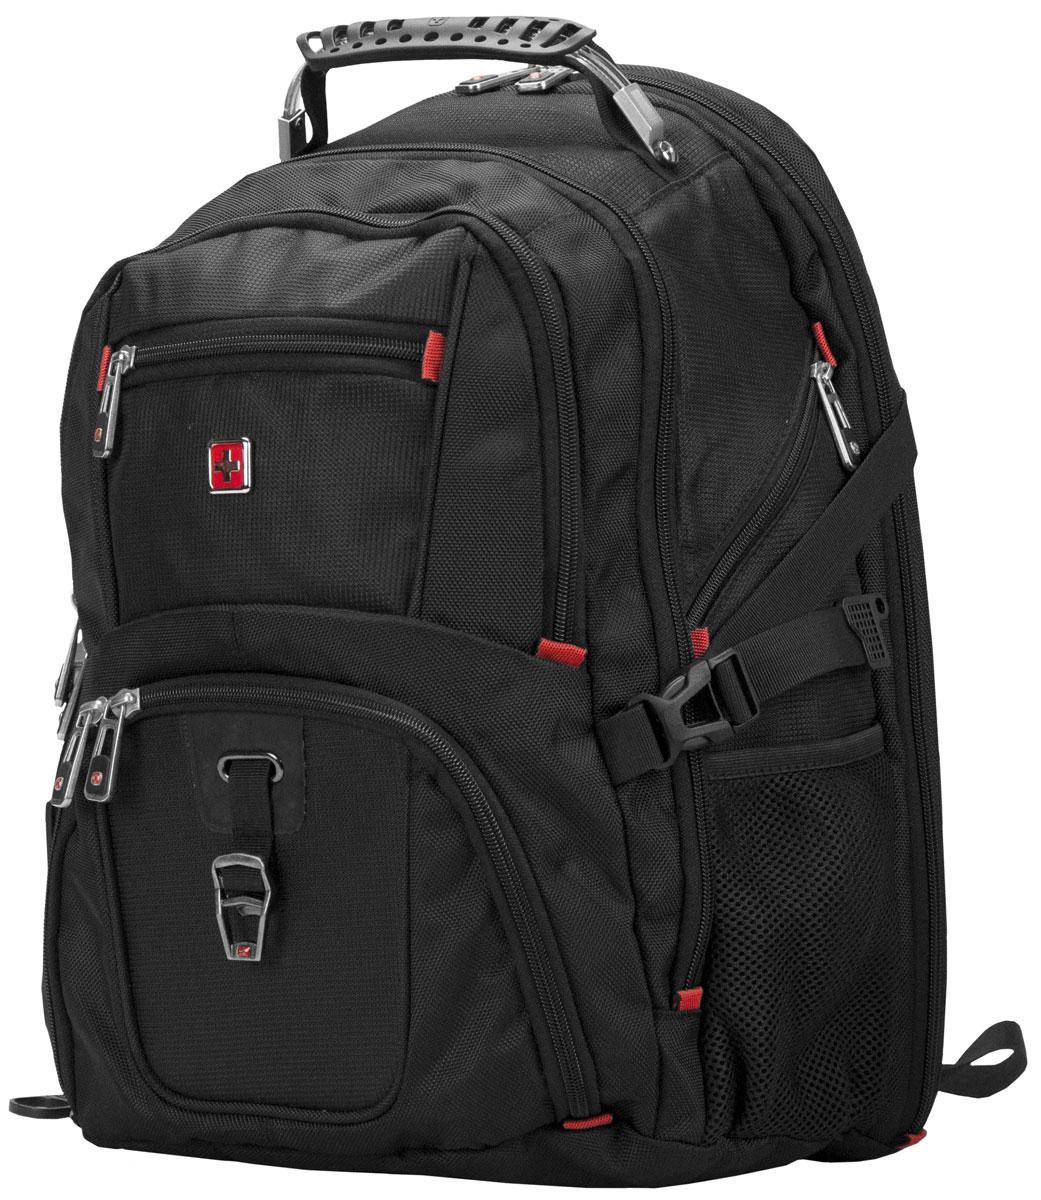 Continent BP-301 BK, Black рюкзак для ноутбука 16Continent BP-301 BKContinent BP-301 BK - стильный и удобный рюкзак для ноутбука с диагональю до 16 дюймов. Данная модель выполнена из качественного нейлона. Она имеет прочную застежку для надежного хранения, удобные плечевые ремни и дополнительные карманы для аксессуаров.